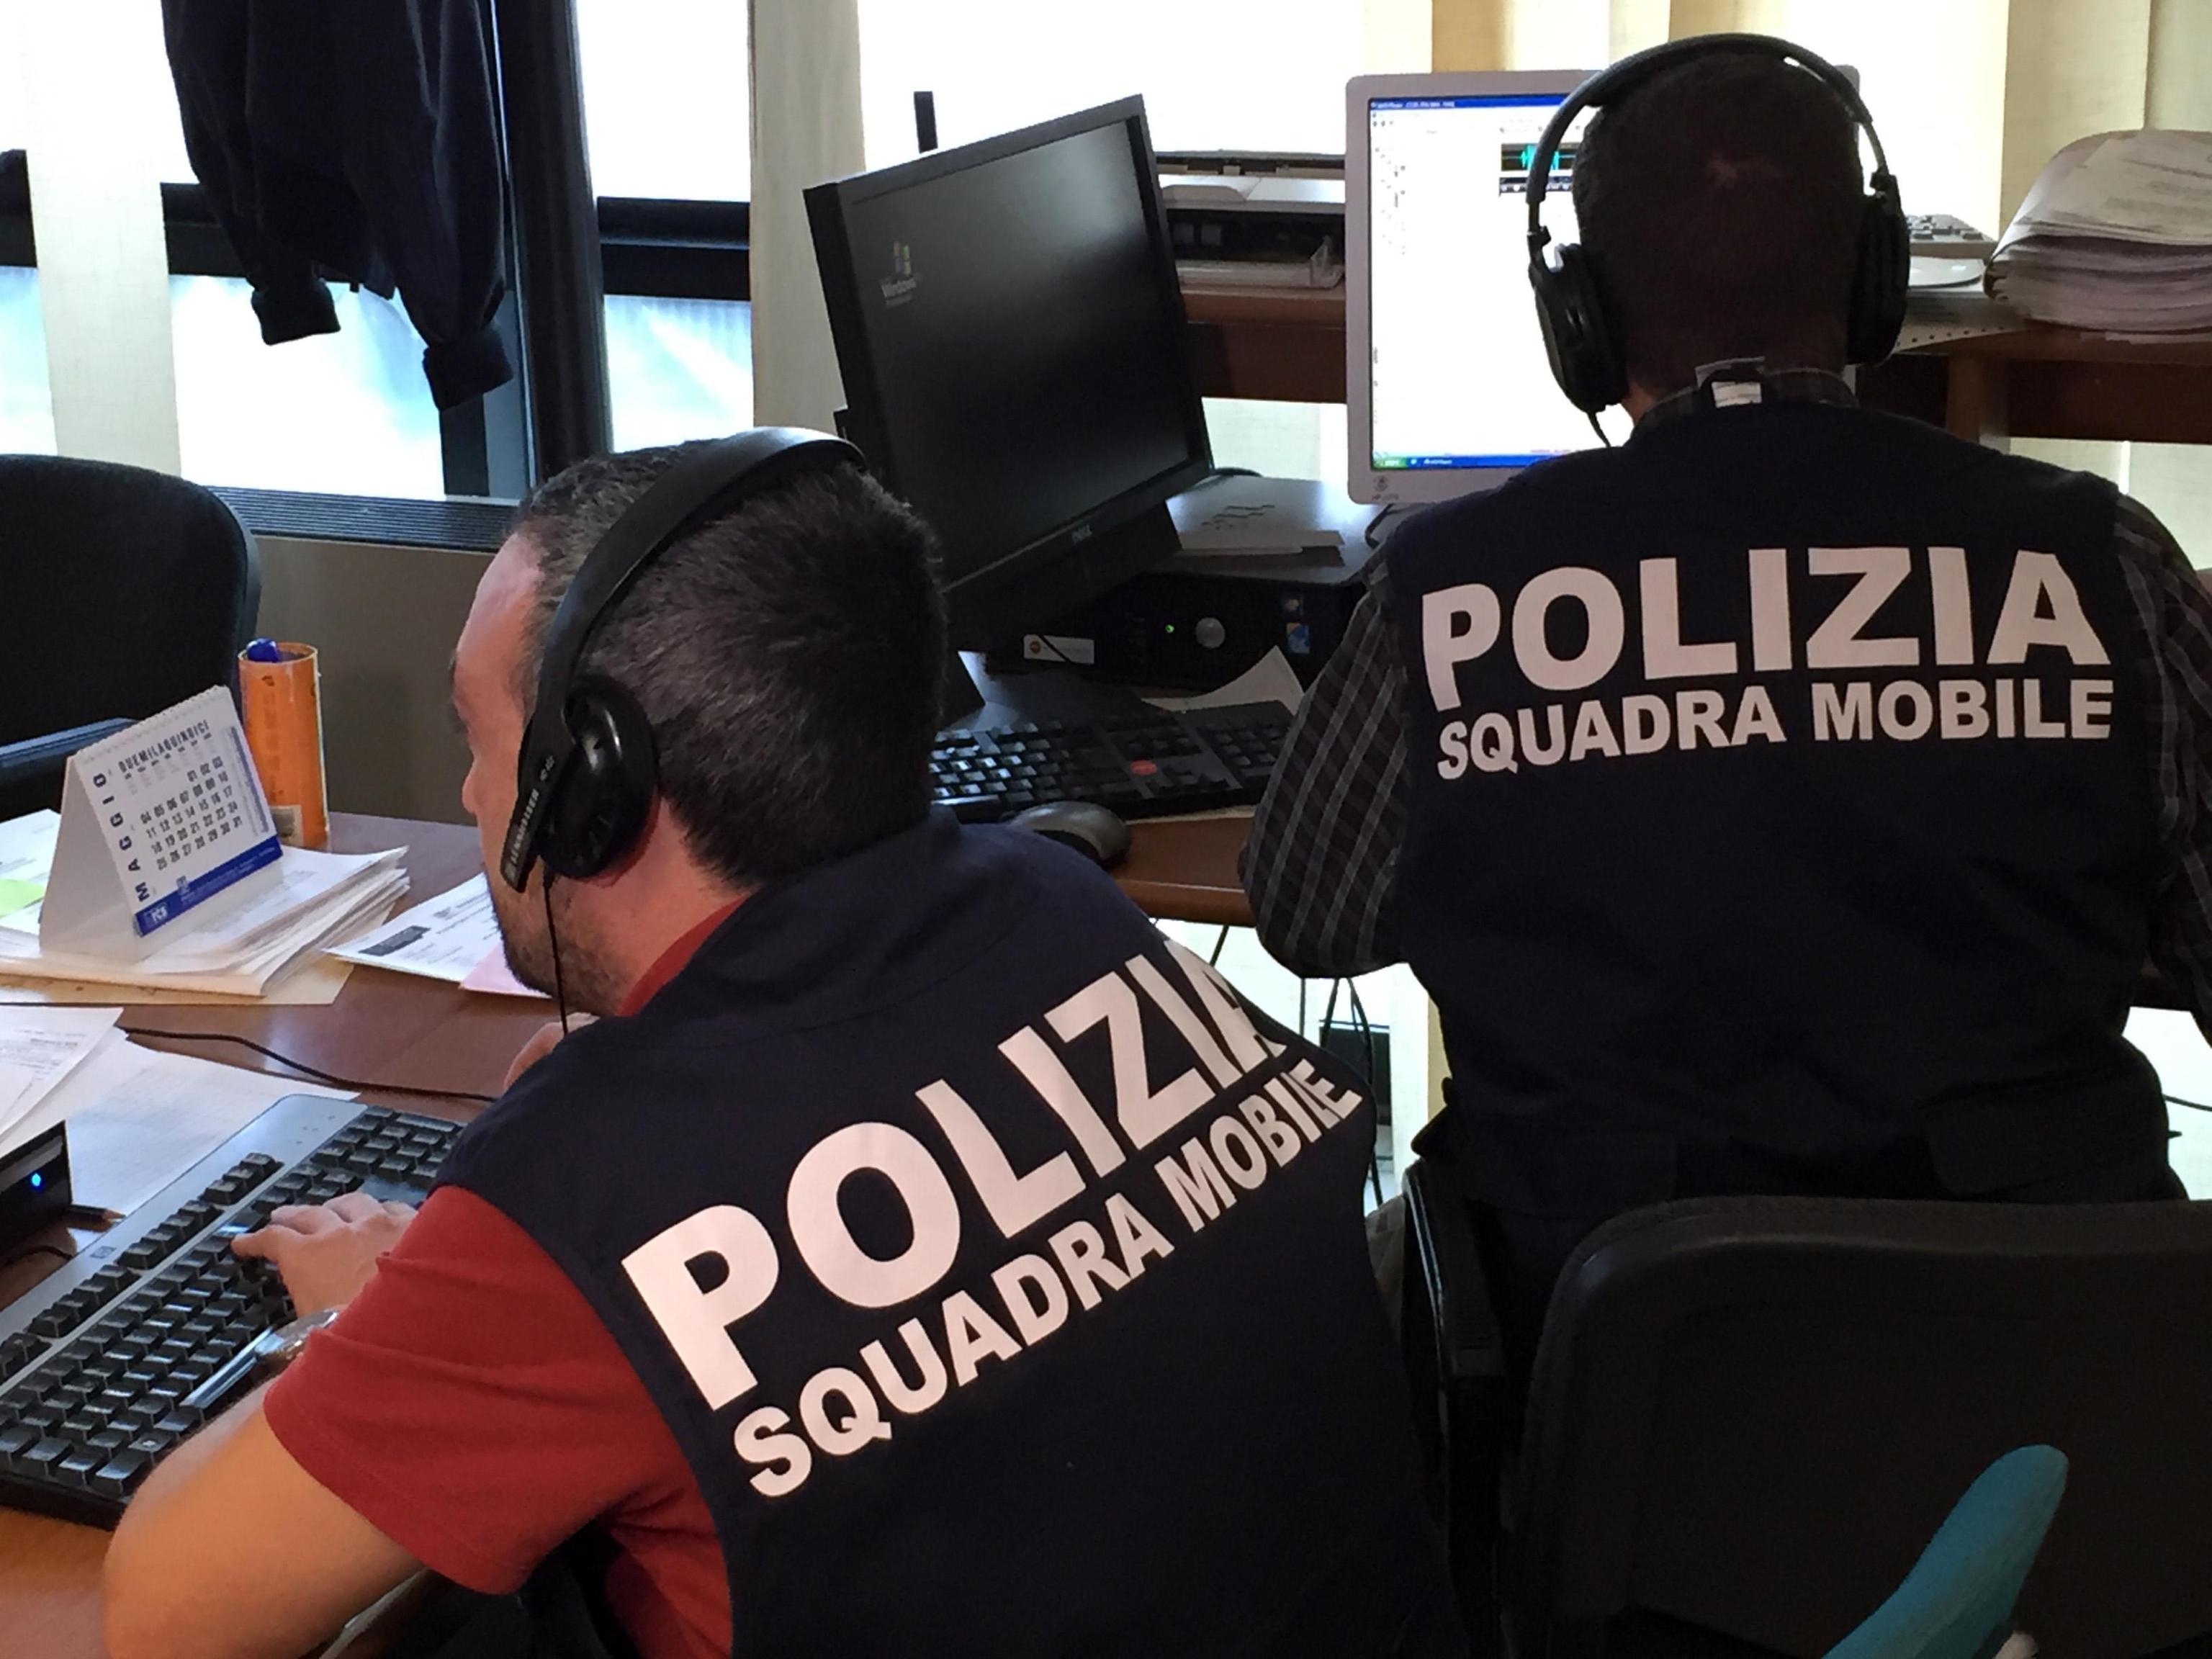 Maltrattamenti all'asilo a Vercelli, tre maestre ai domiciliari: 'Clima di terrore tra i bambini'